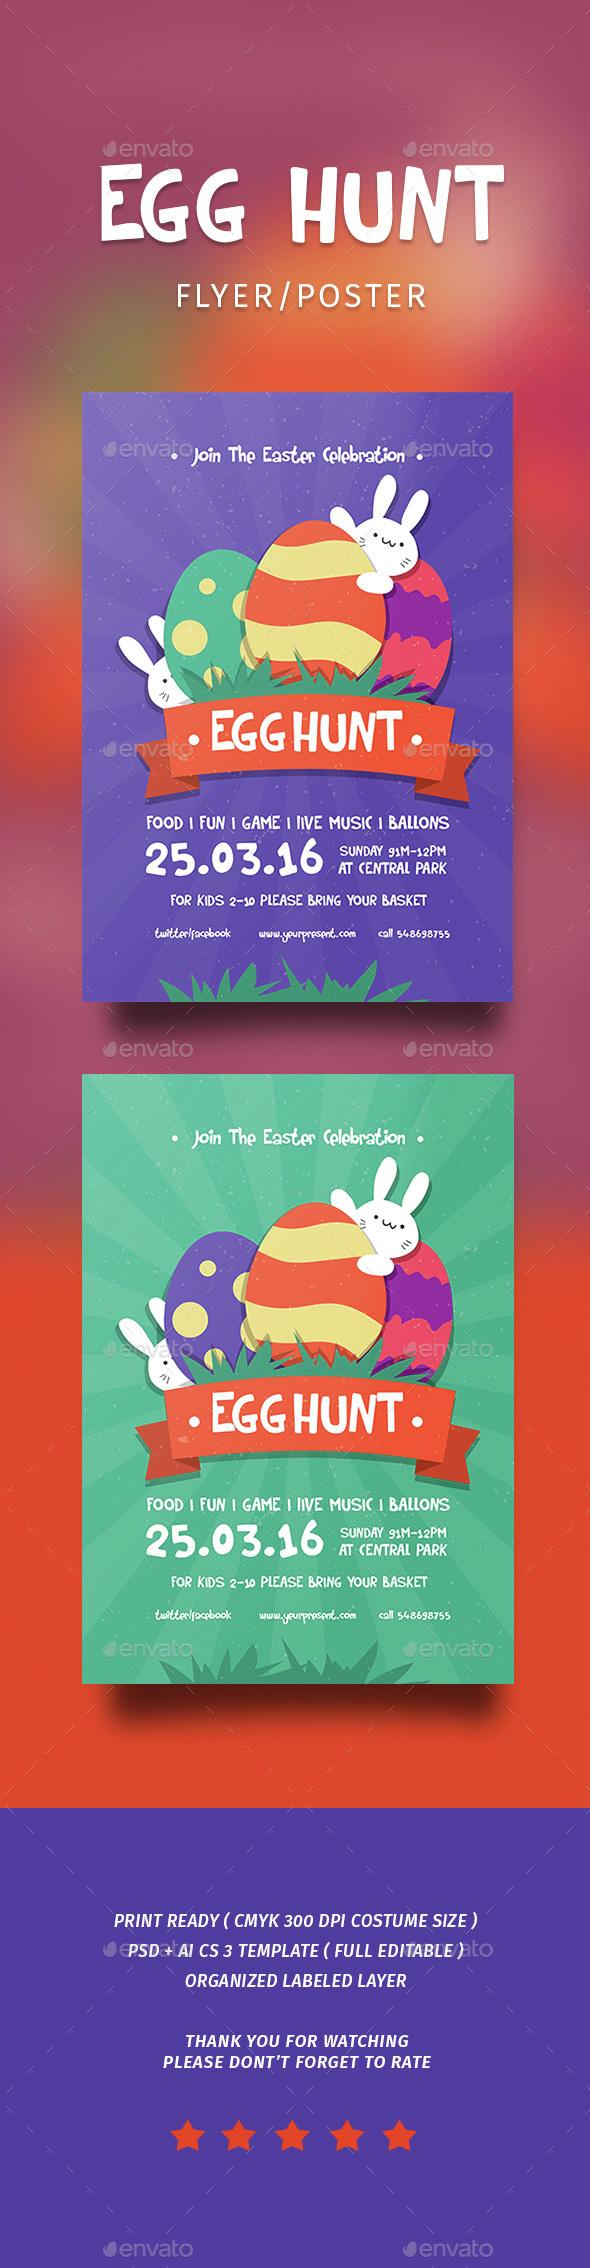 Egg Hunt Flyer - Events Flyers